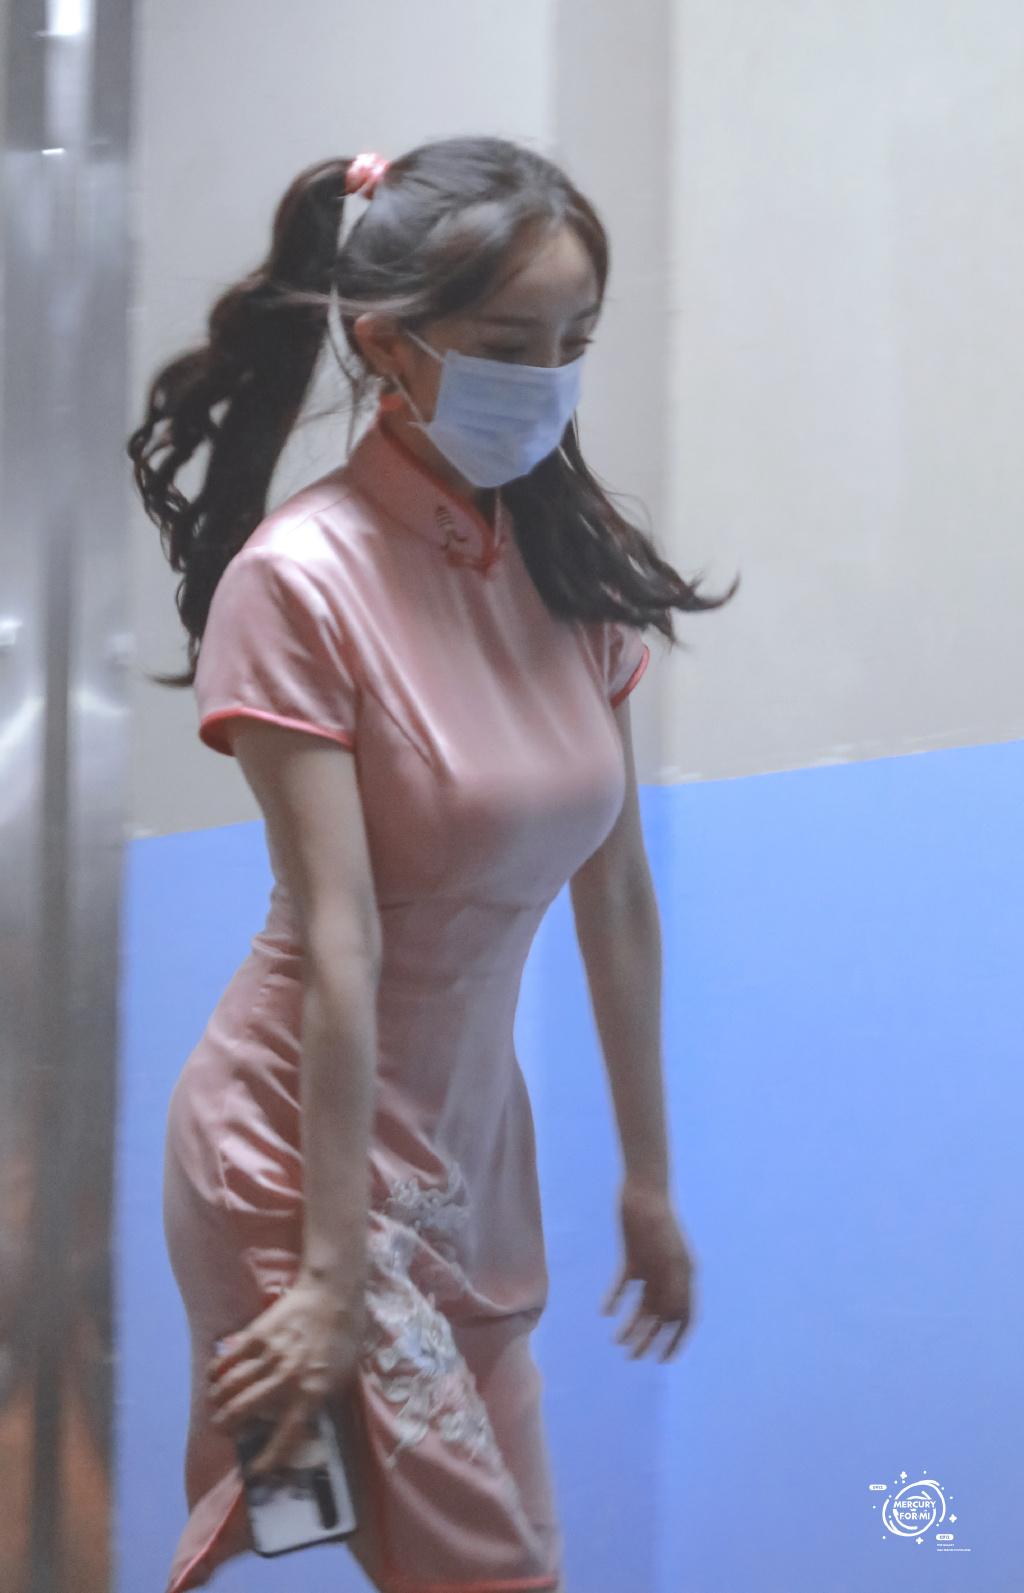 杨幂《密室大逃脱》双马尾发型+旗袍造型火了 liuliushe.net六六社 第6张